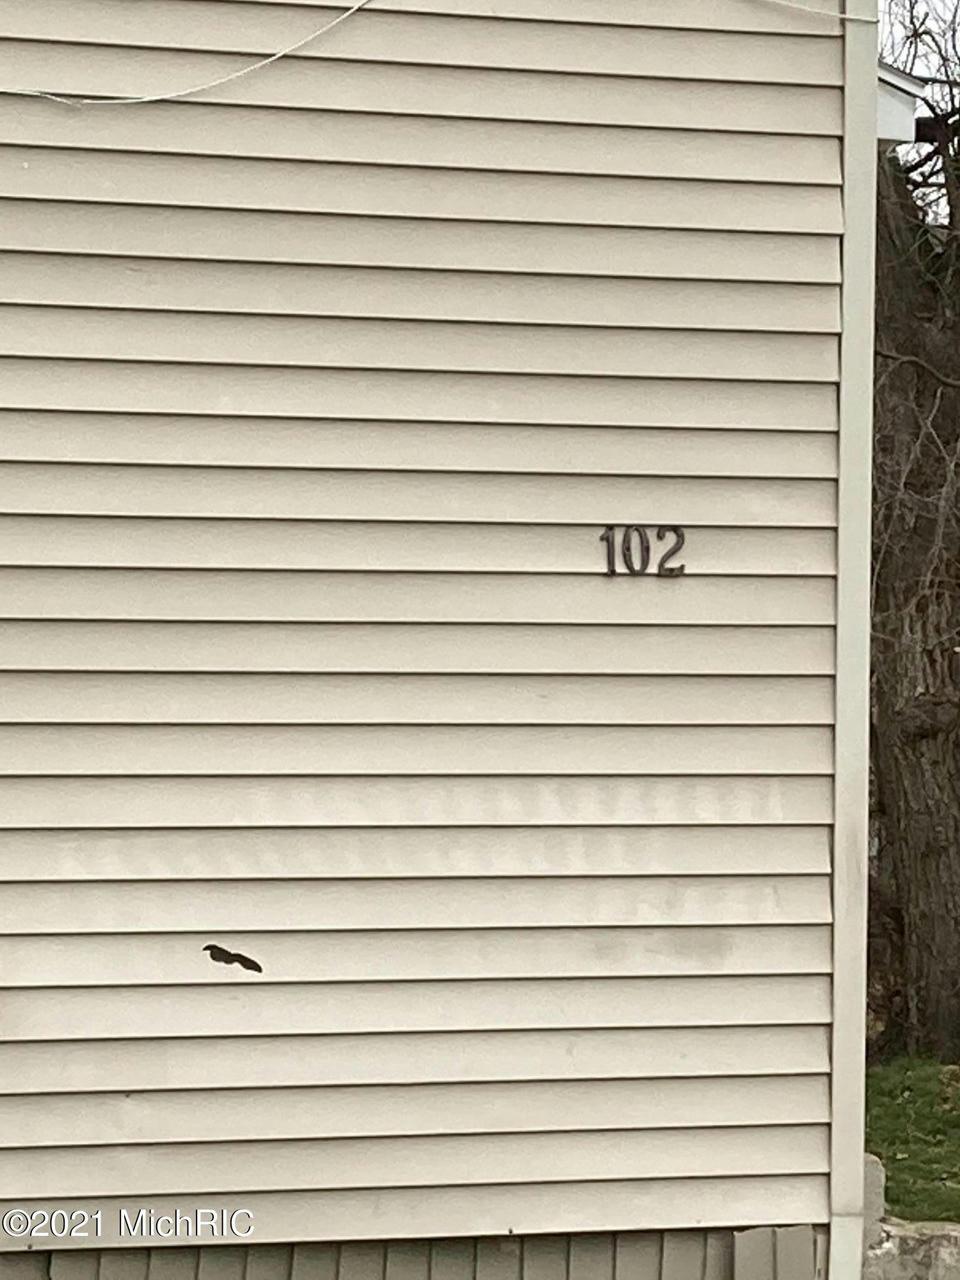 102 S 22nd 102/104/106/108 St Battle Creek, MI 49015